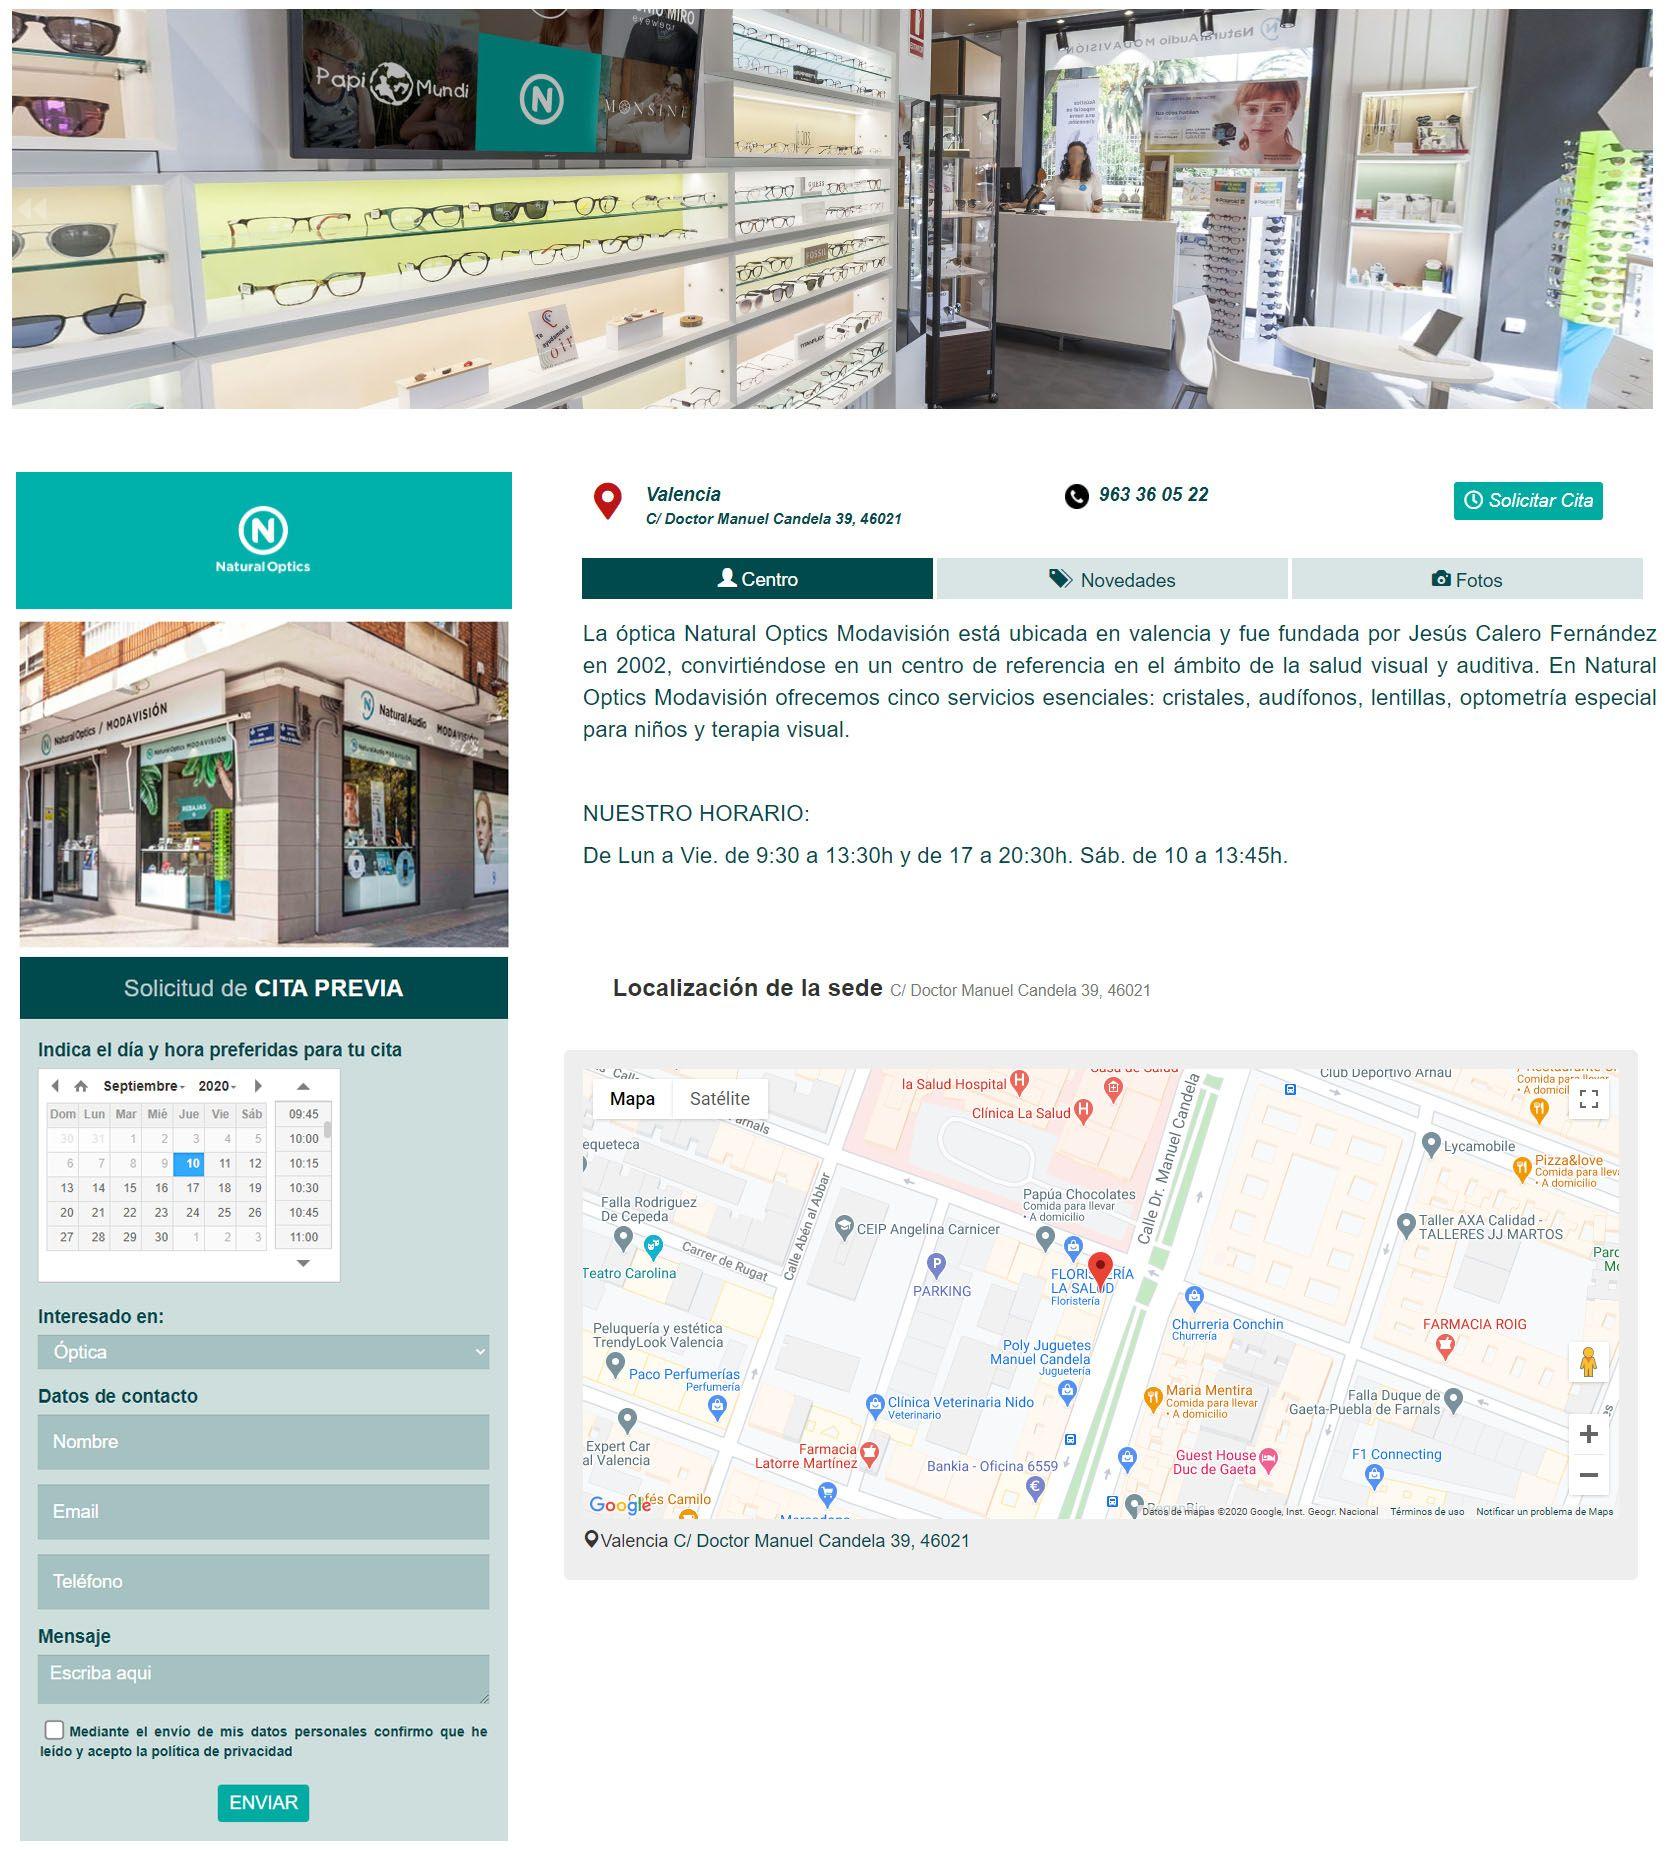 Fotografia Ficha portal